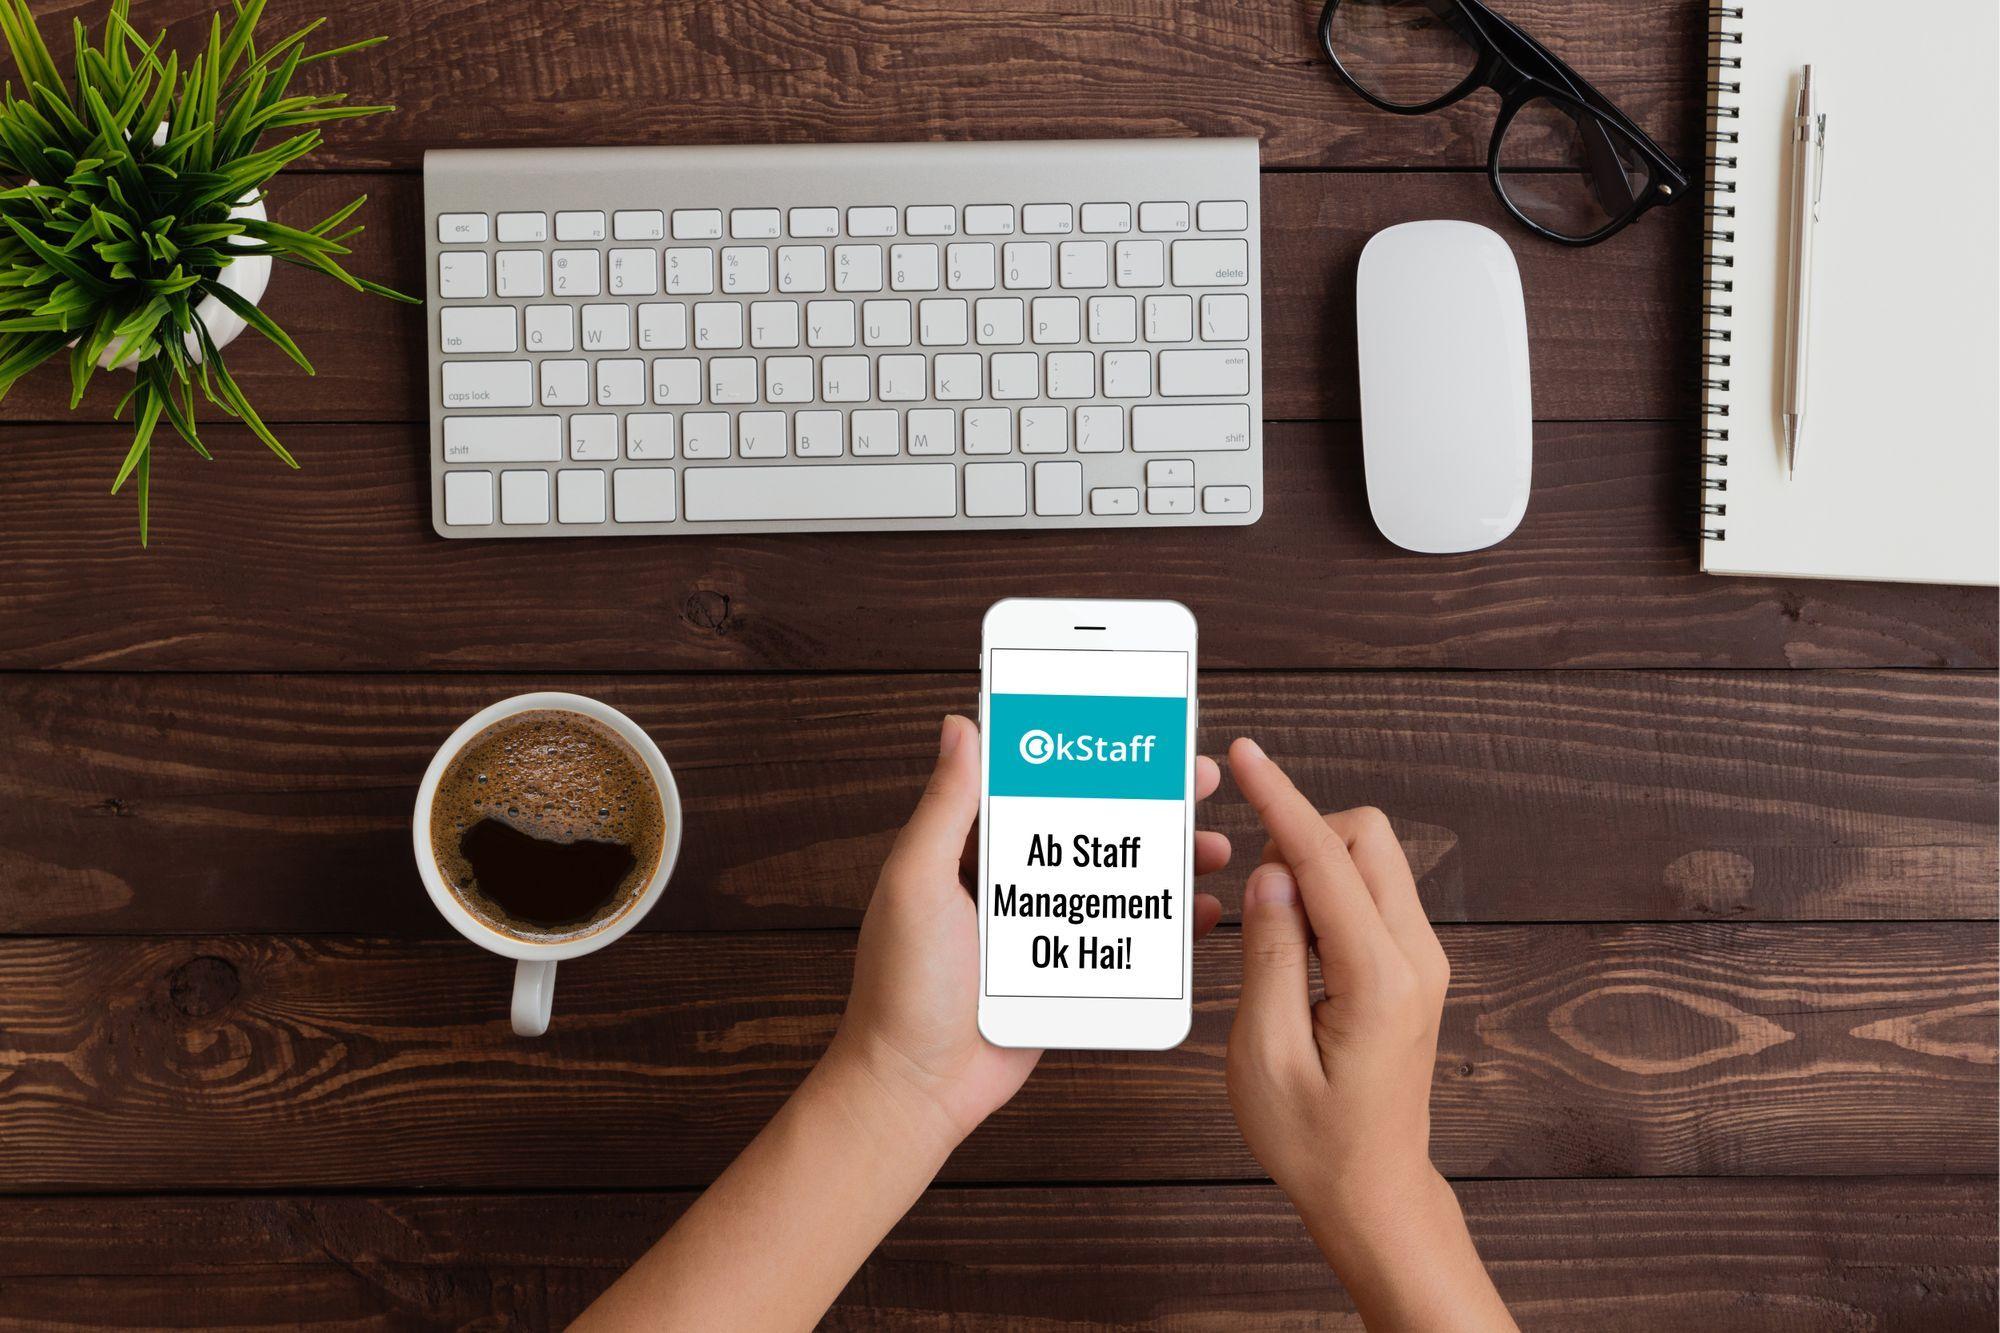 Okstaff क्या है? कैसे ये ऐप आपका बिजनेस बढ़ाने में मदद करता है?